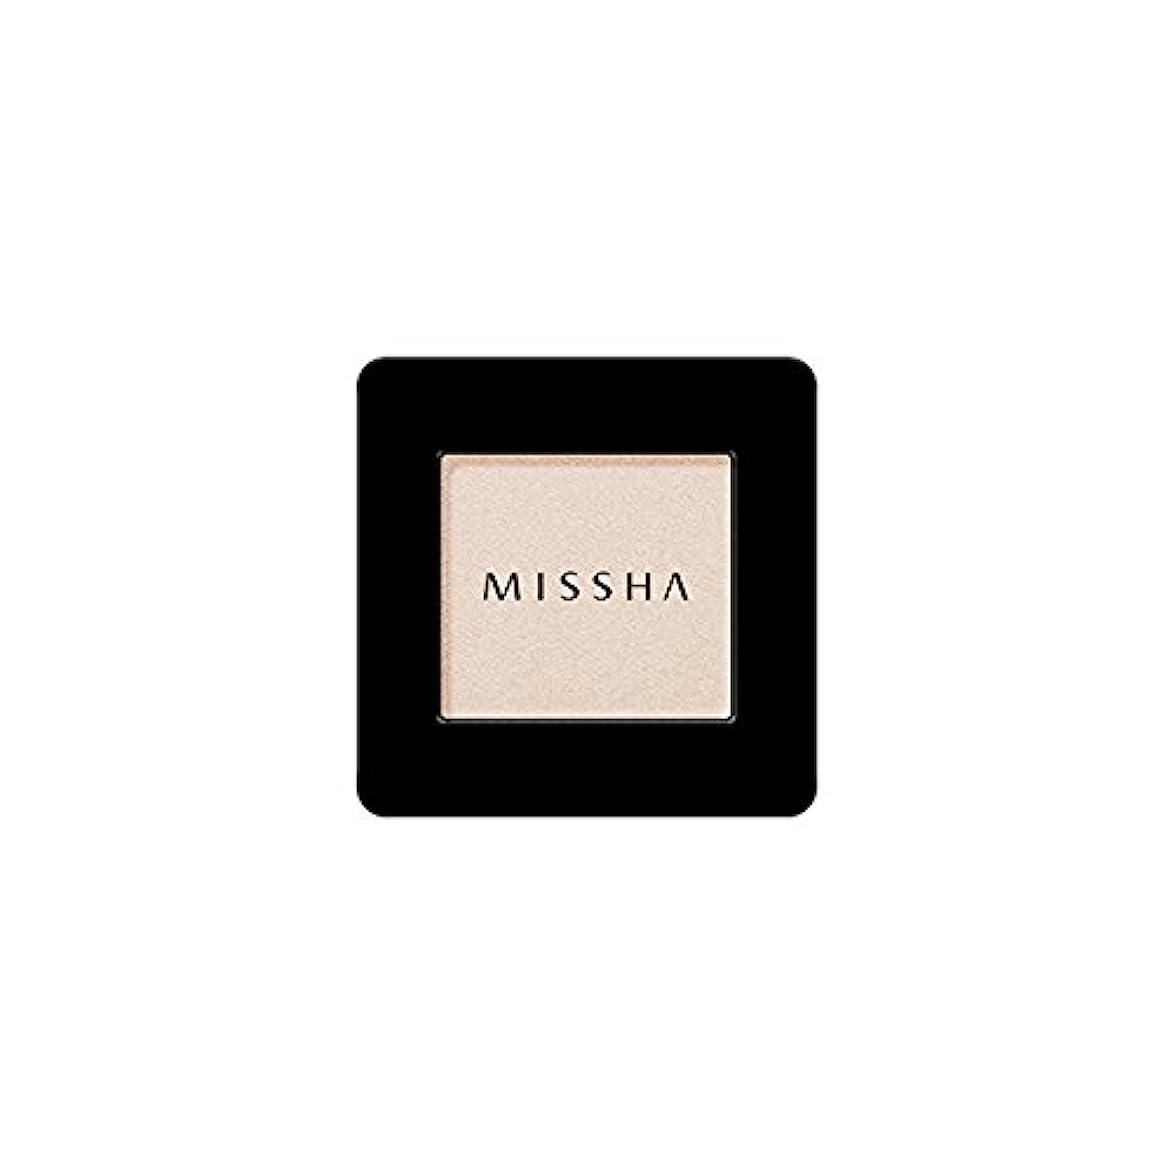 側エミュレートするレキシコンMISSHA Modern Shadow [SHIMMER] 1.8g (#SBE01 Santa Barbara)/ミシャ モダン シャドウ [シマー] 1.8g (#SBE01 Santa Barbara)